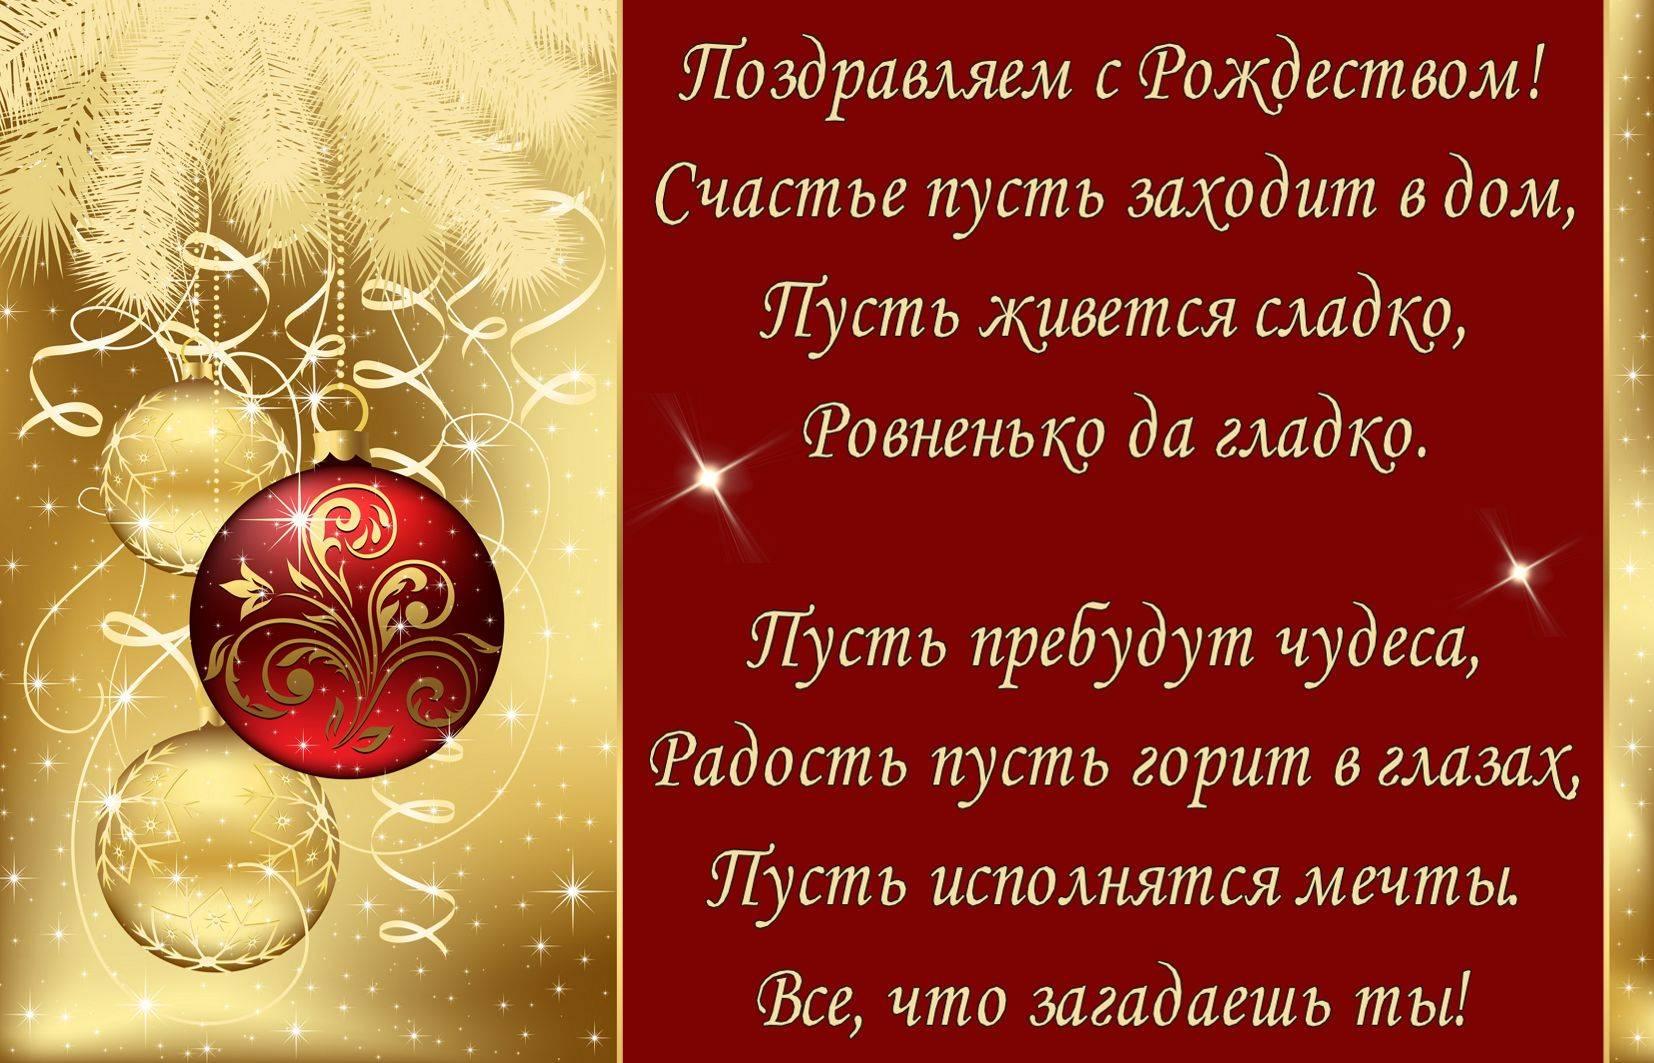 Поздравления с рождеством христовым короткие и красивые в стихах, прозе и своими словами. как красиво поздравить в рождество | жл